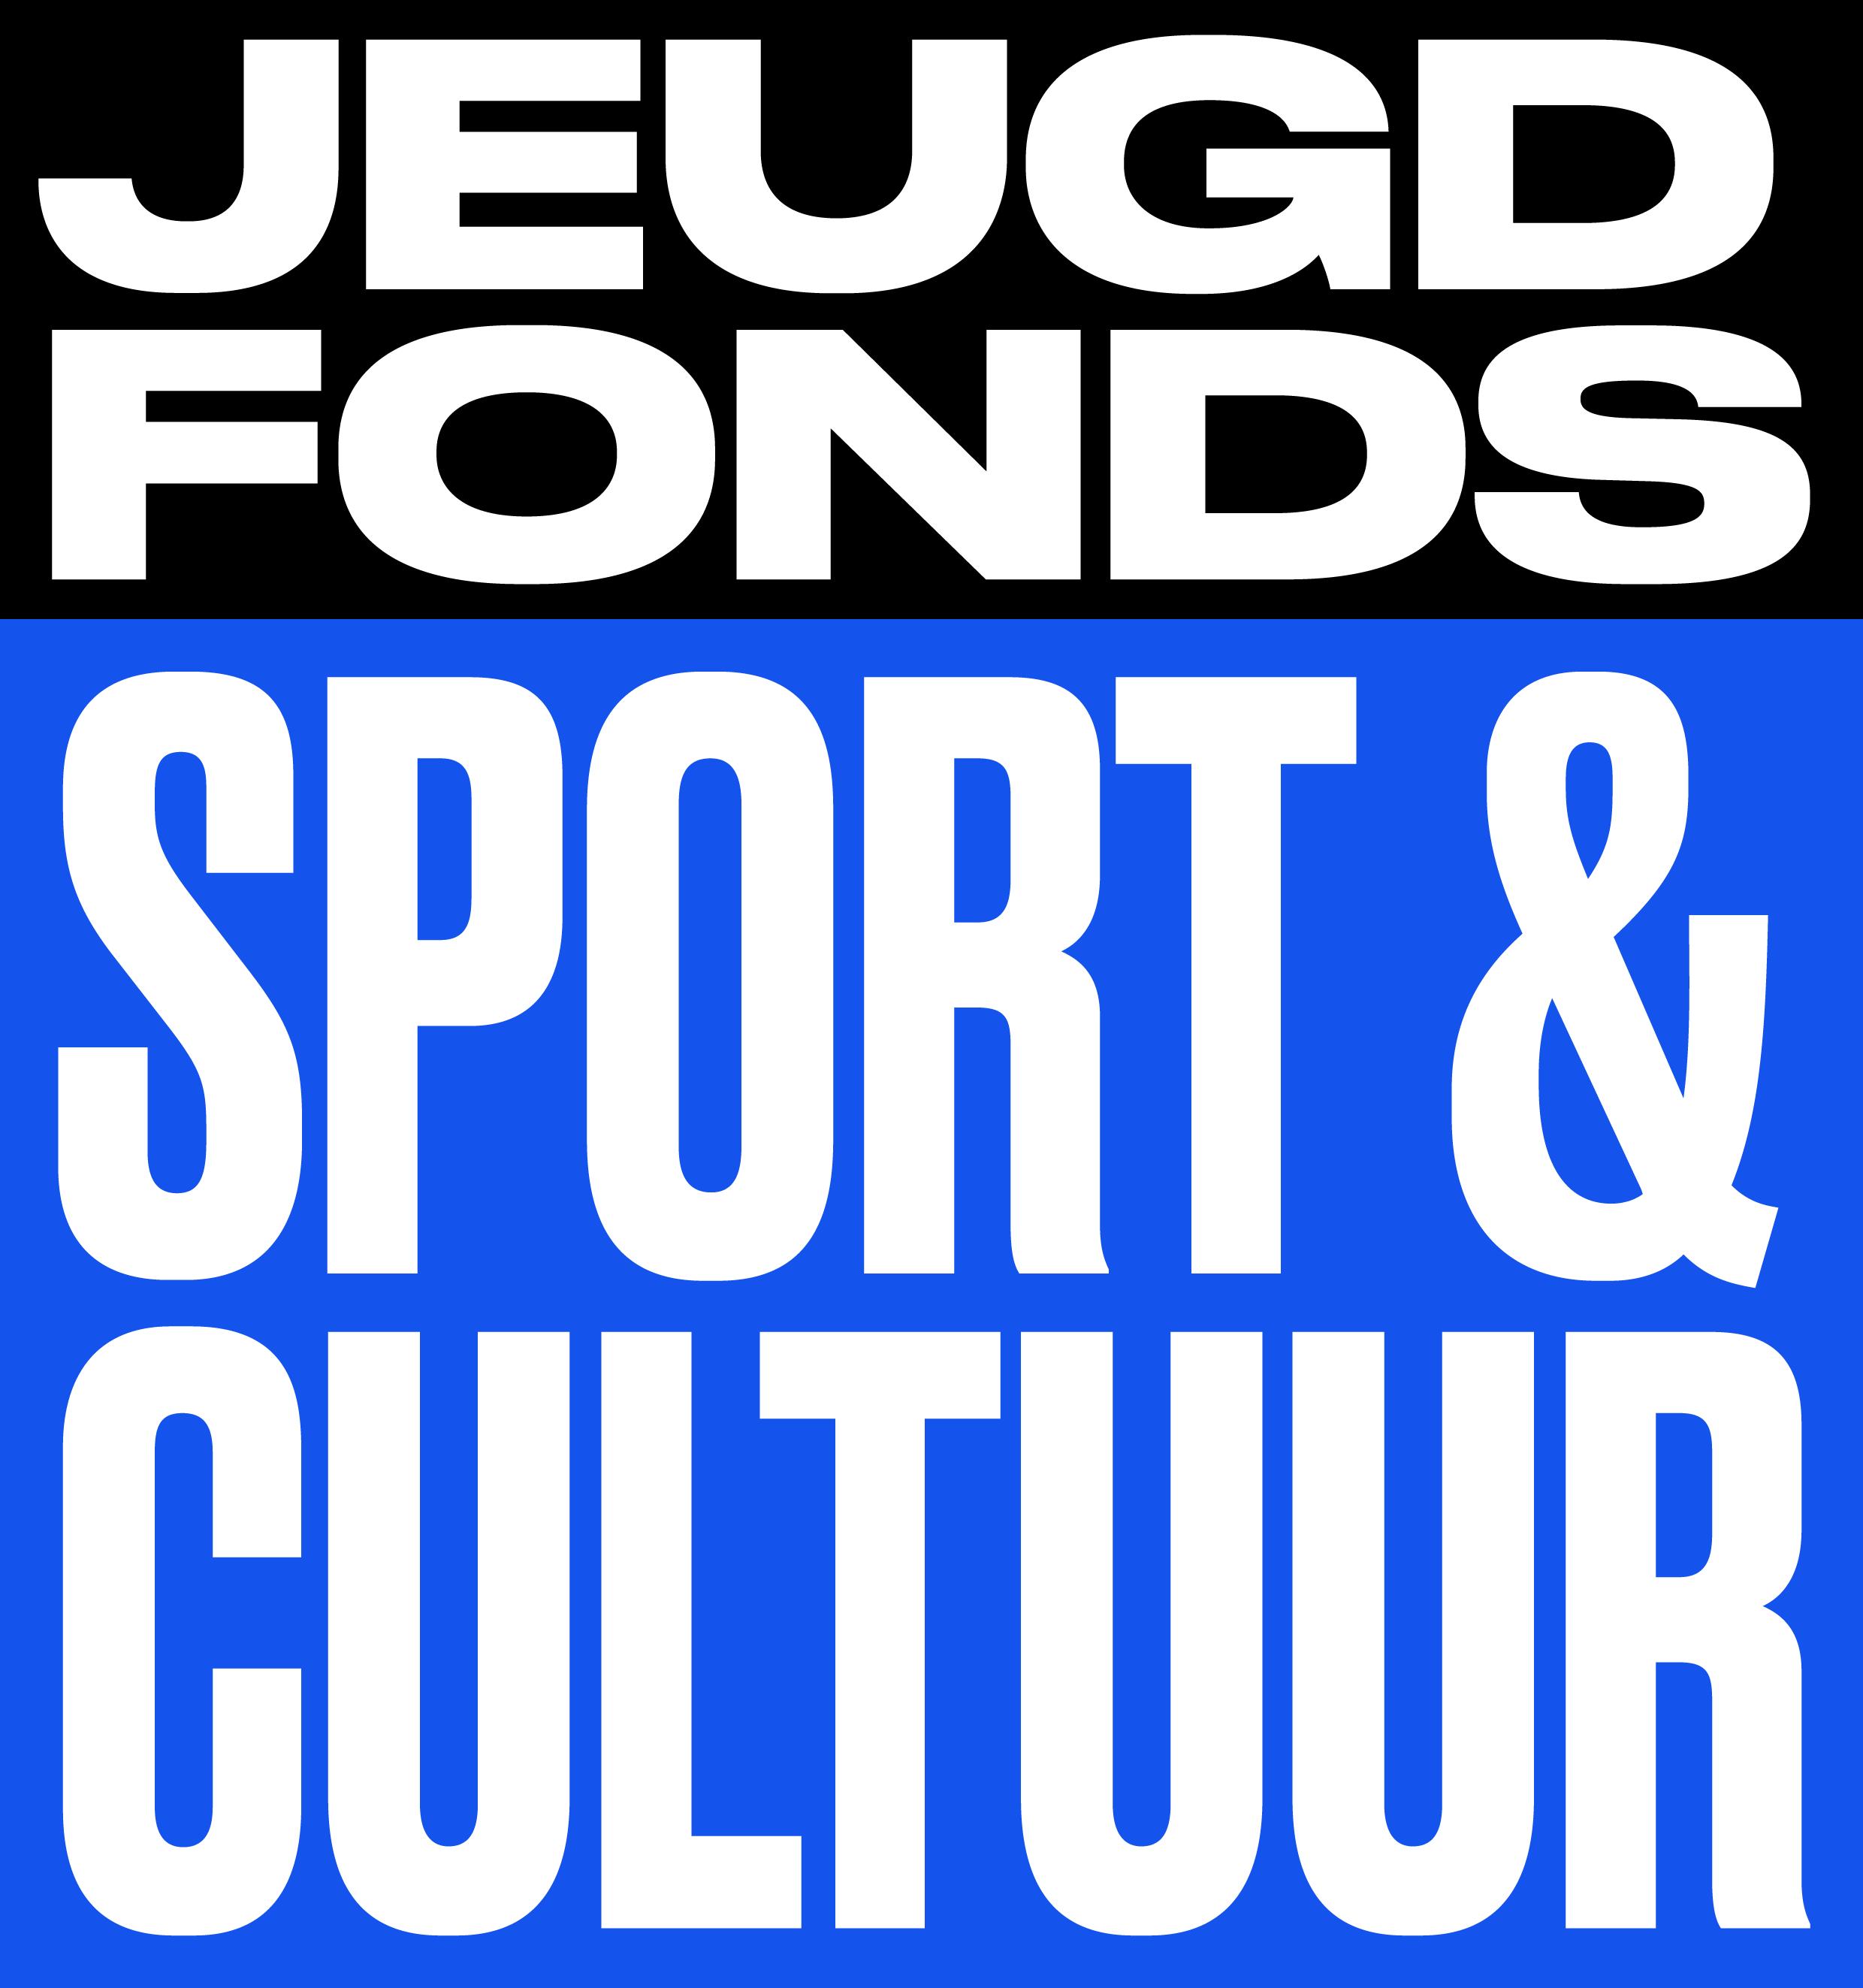 logo jeugdfonds